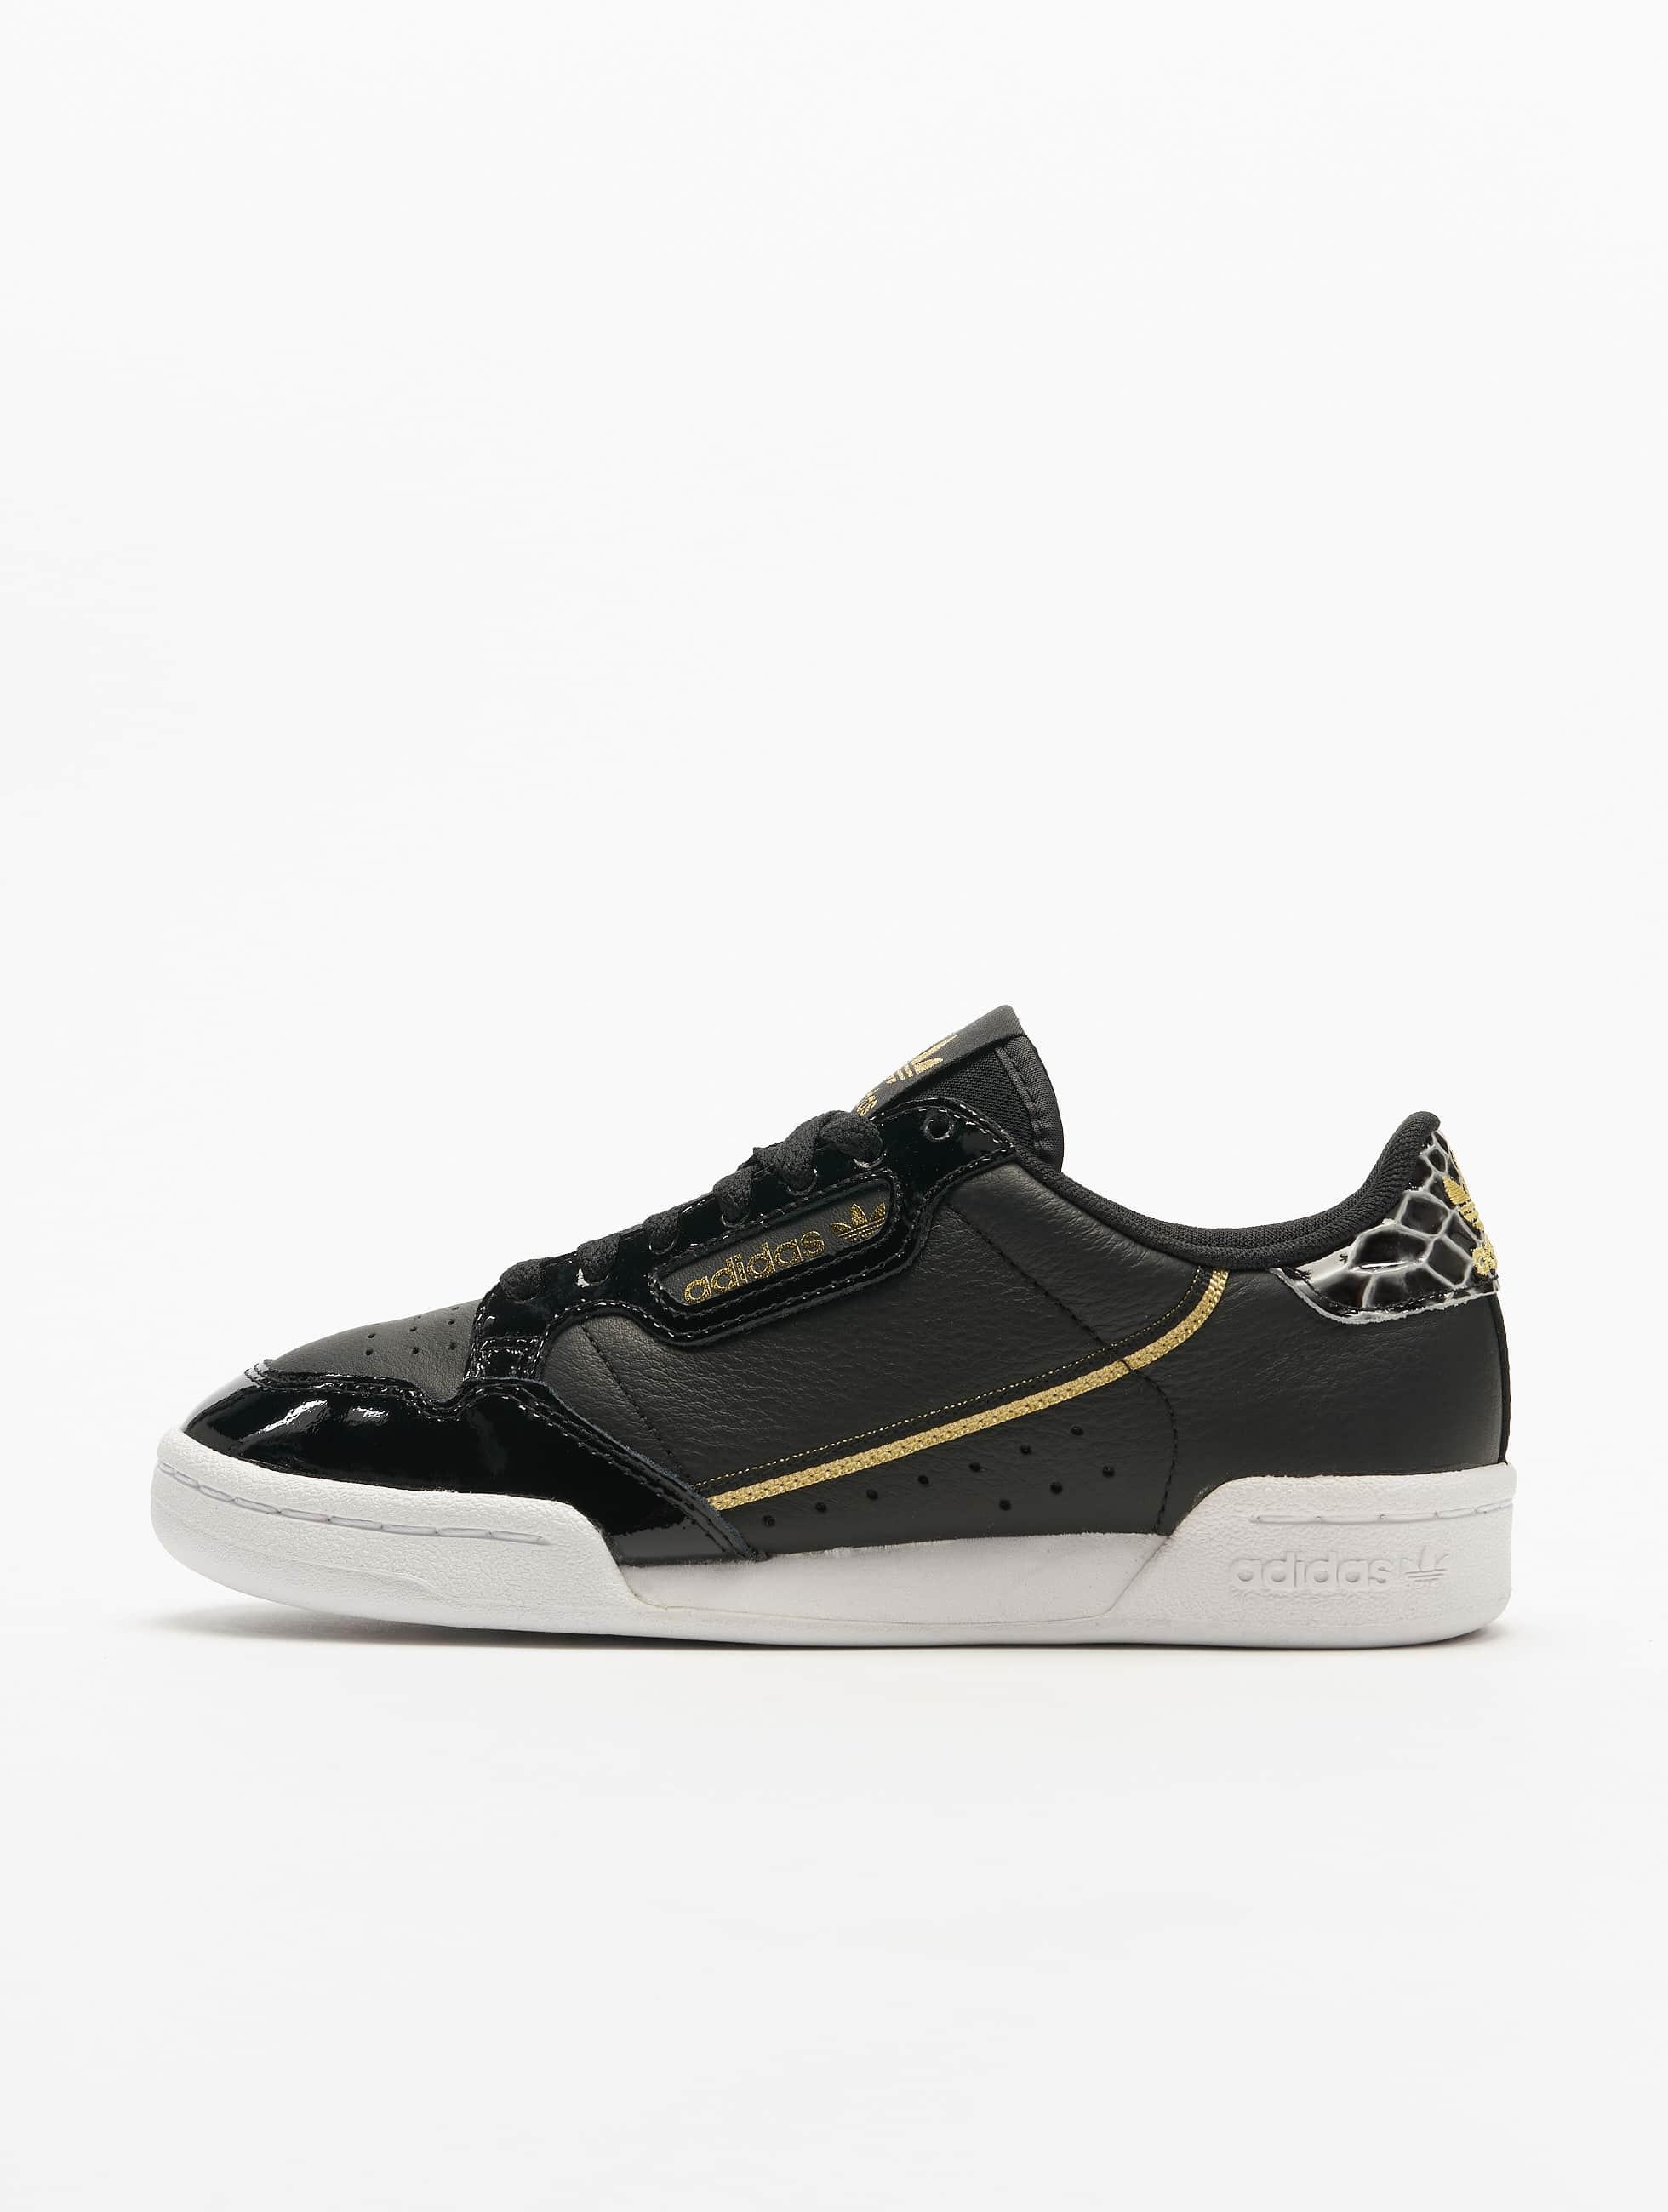 Adidas Continental 80 Sneakers Core BlackFtwr WhiteGolden Met.